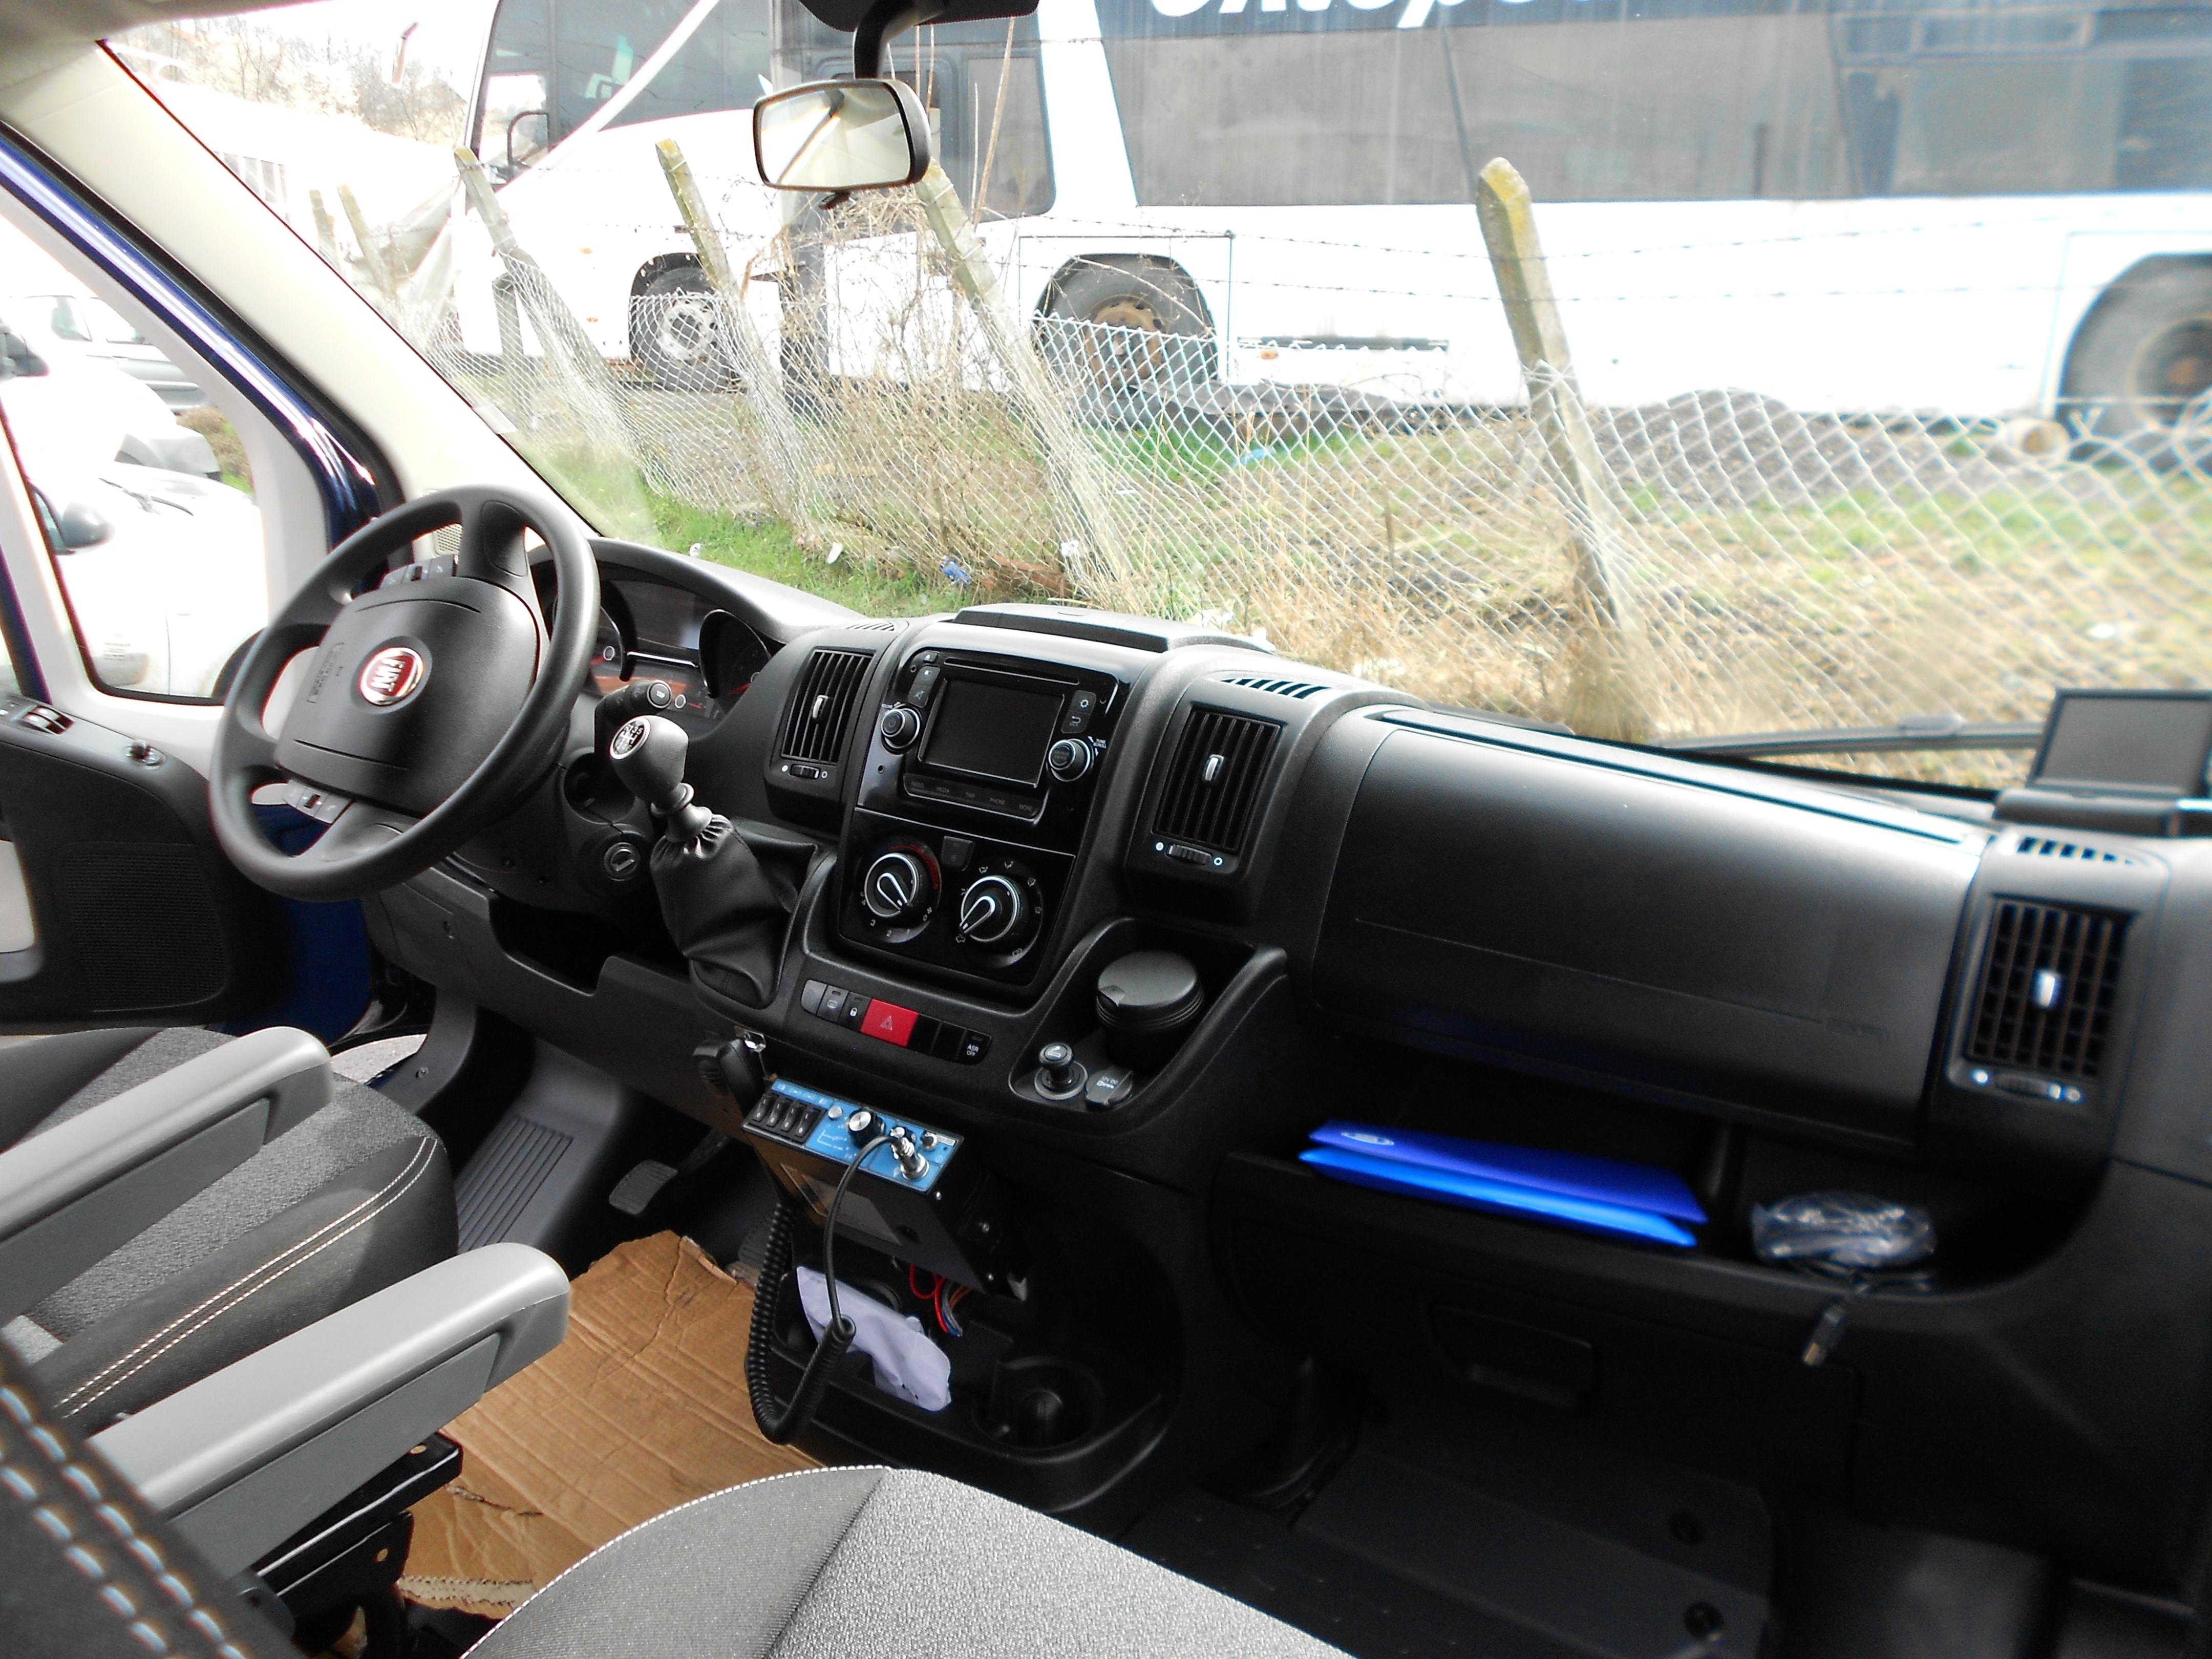 liberta un professional camionsupermarket fiat ducato mondo trasportocommerciale blog